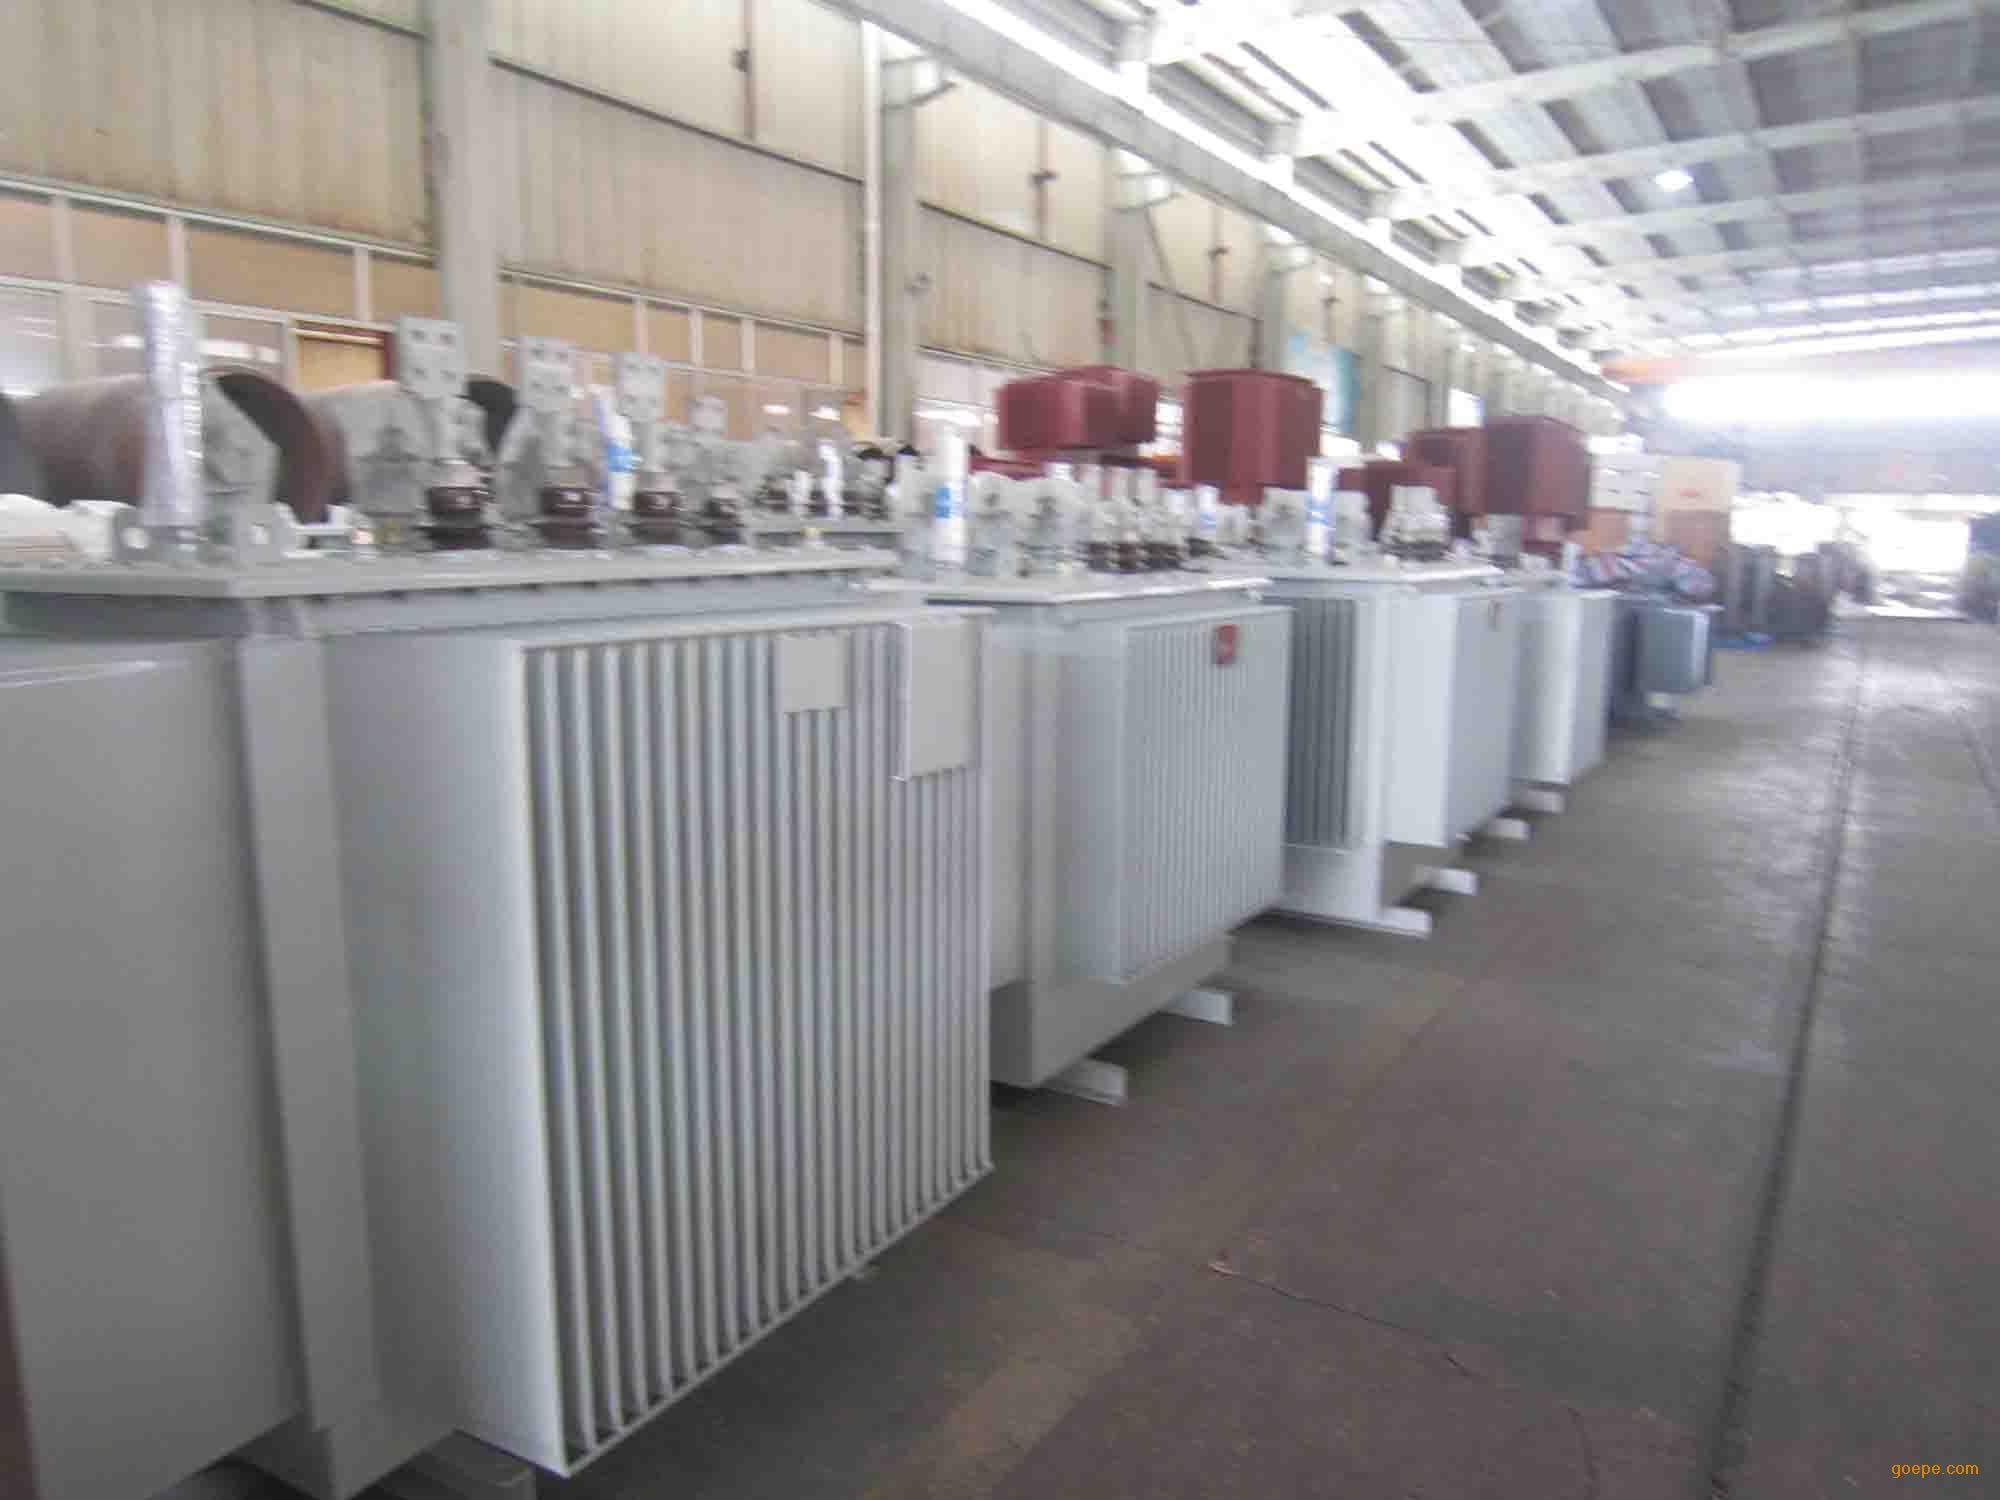 红旗集团油浸式变压器S11 2000kva电力变压器图片 高清大图 谷瀑环保